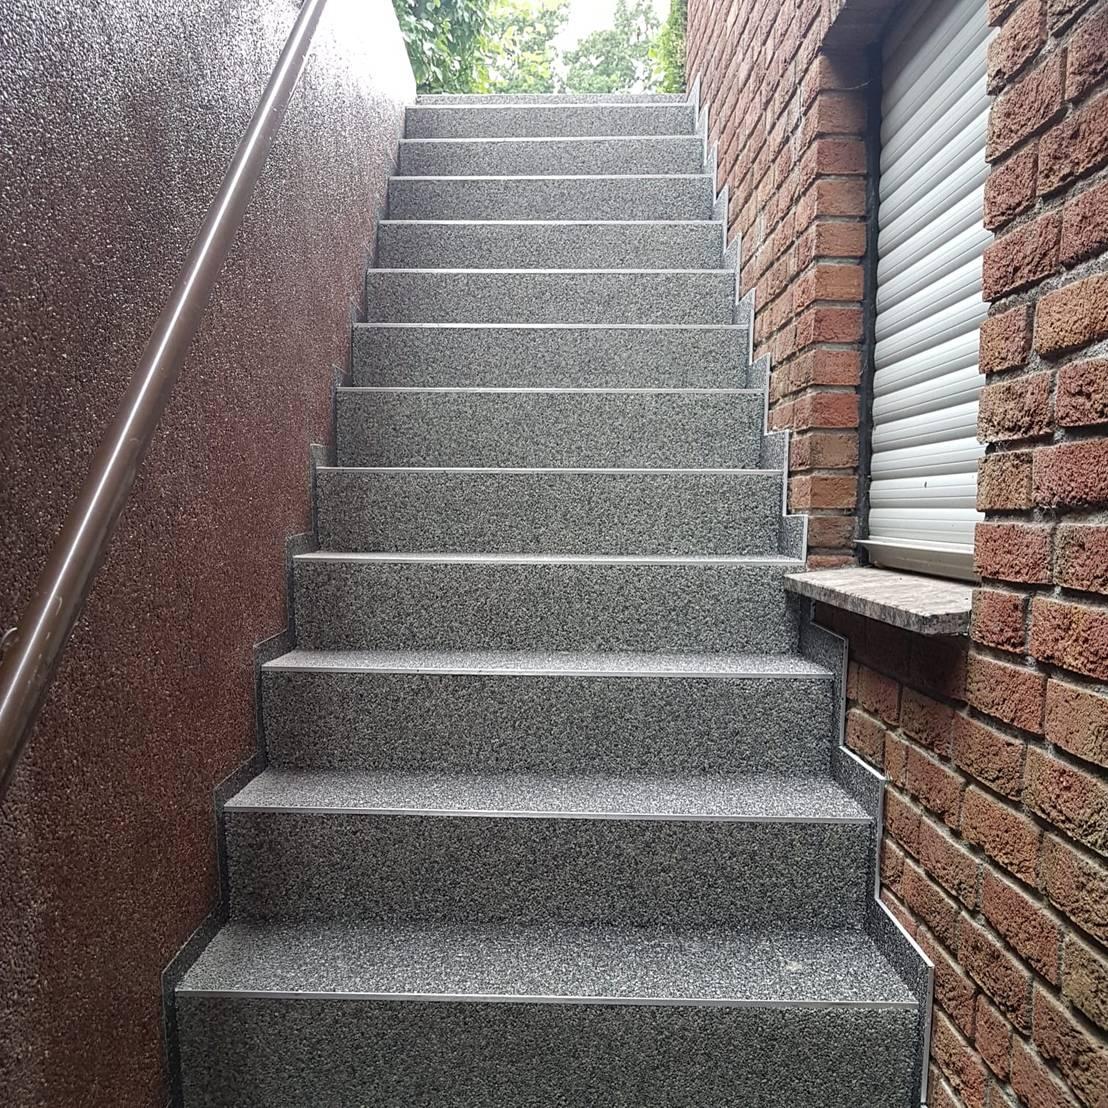 Treppenrenovierung Mit Steinteppich Im Aussenbereich Par